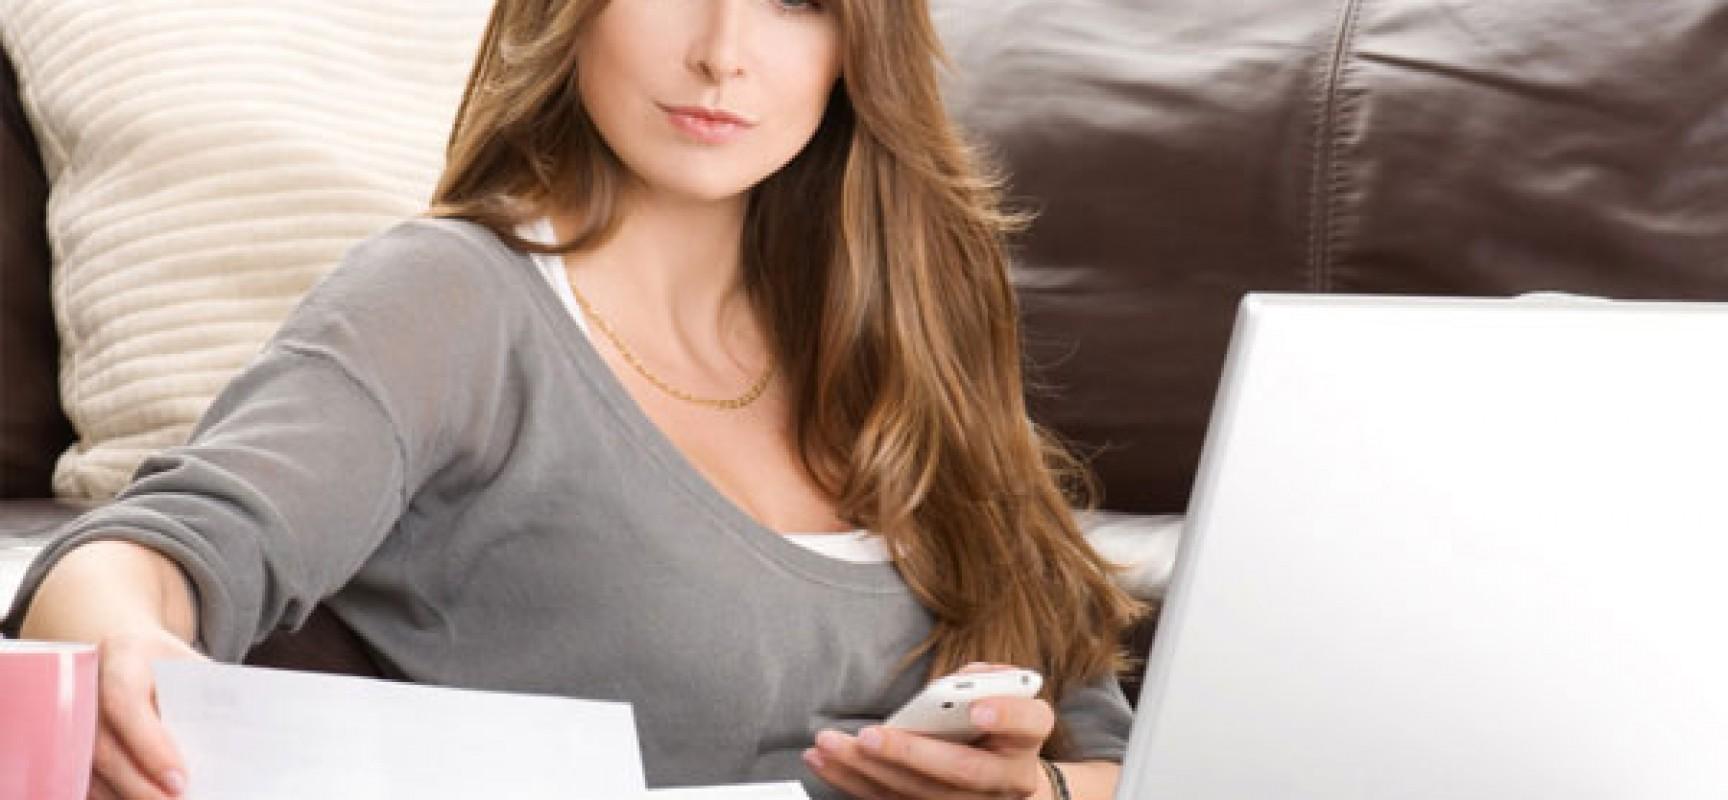 Tips for Applying for Online Jobs